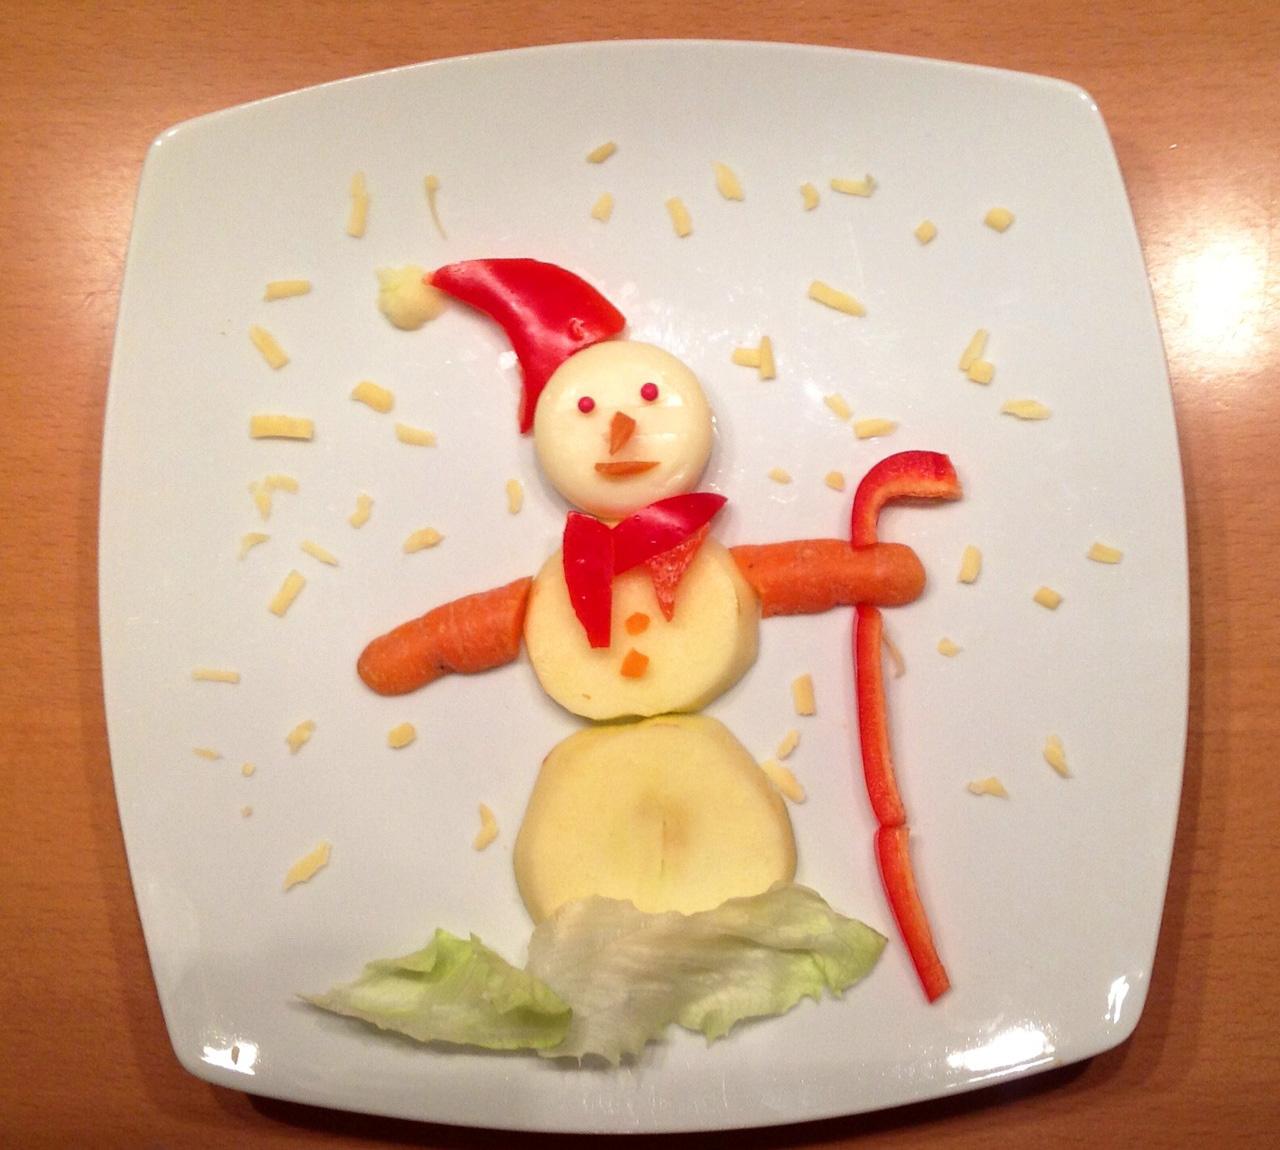 Als der erste Schnee fiel gab es abends einen Schneemann aus Apfel, Eisbergsalat, Mini-Babybel, Karotte und Paprika.